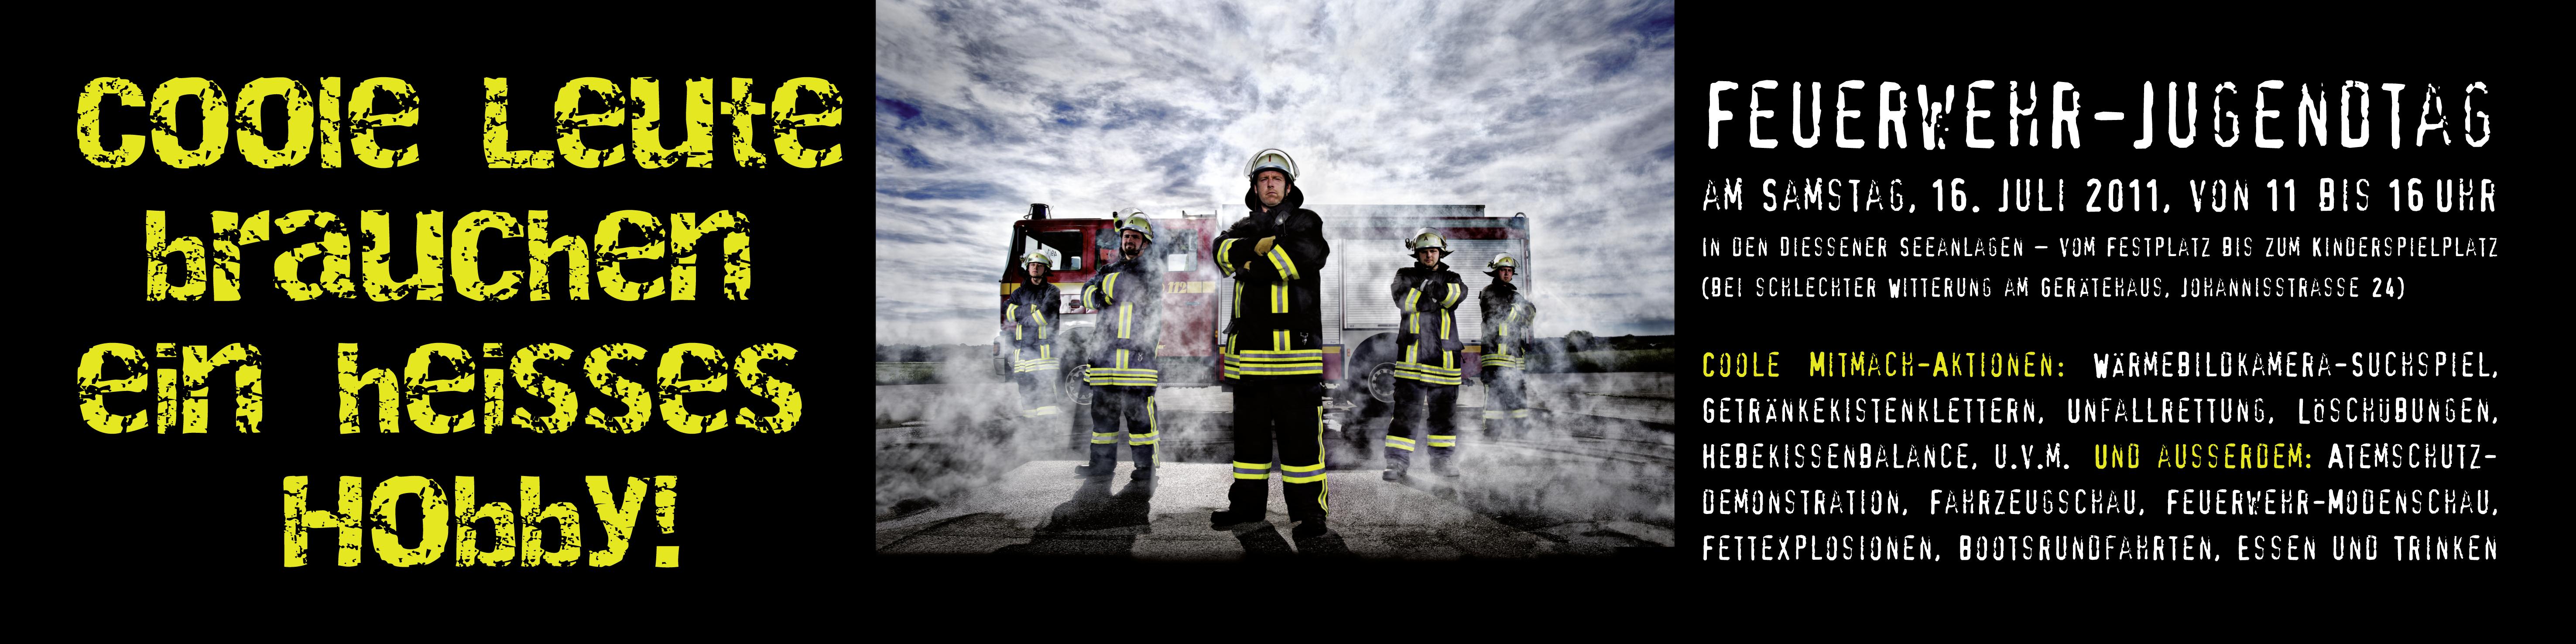 Freiwillige Feuerwehr Banner